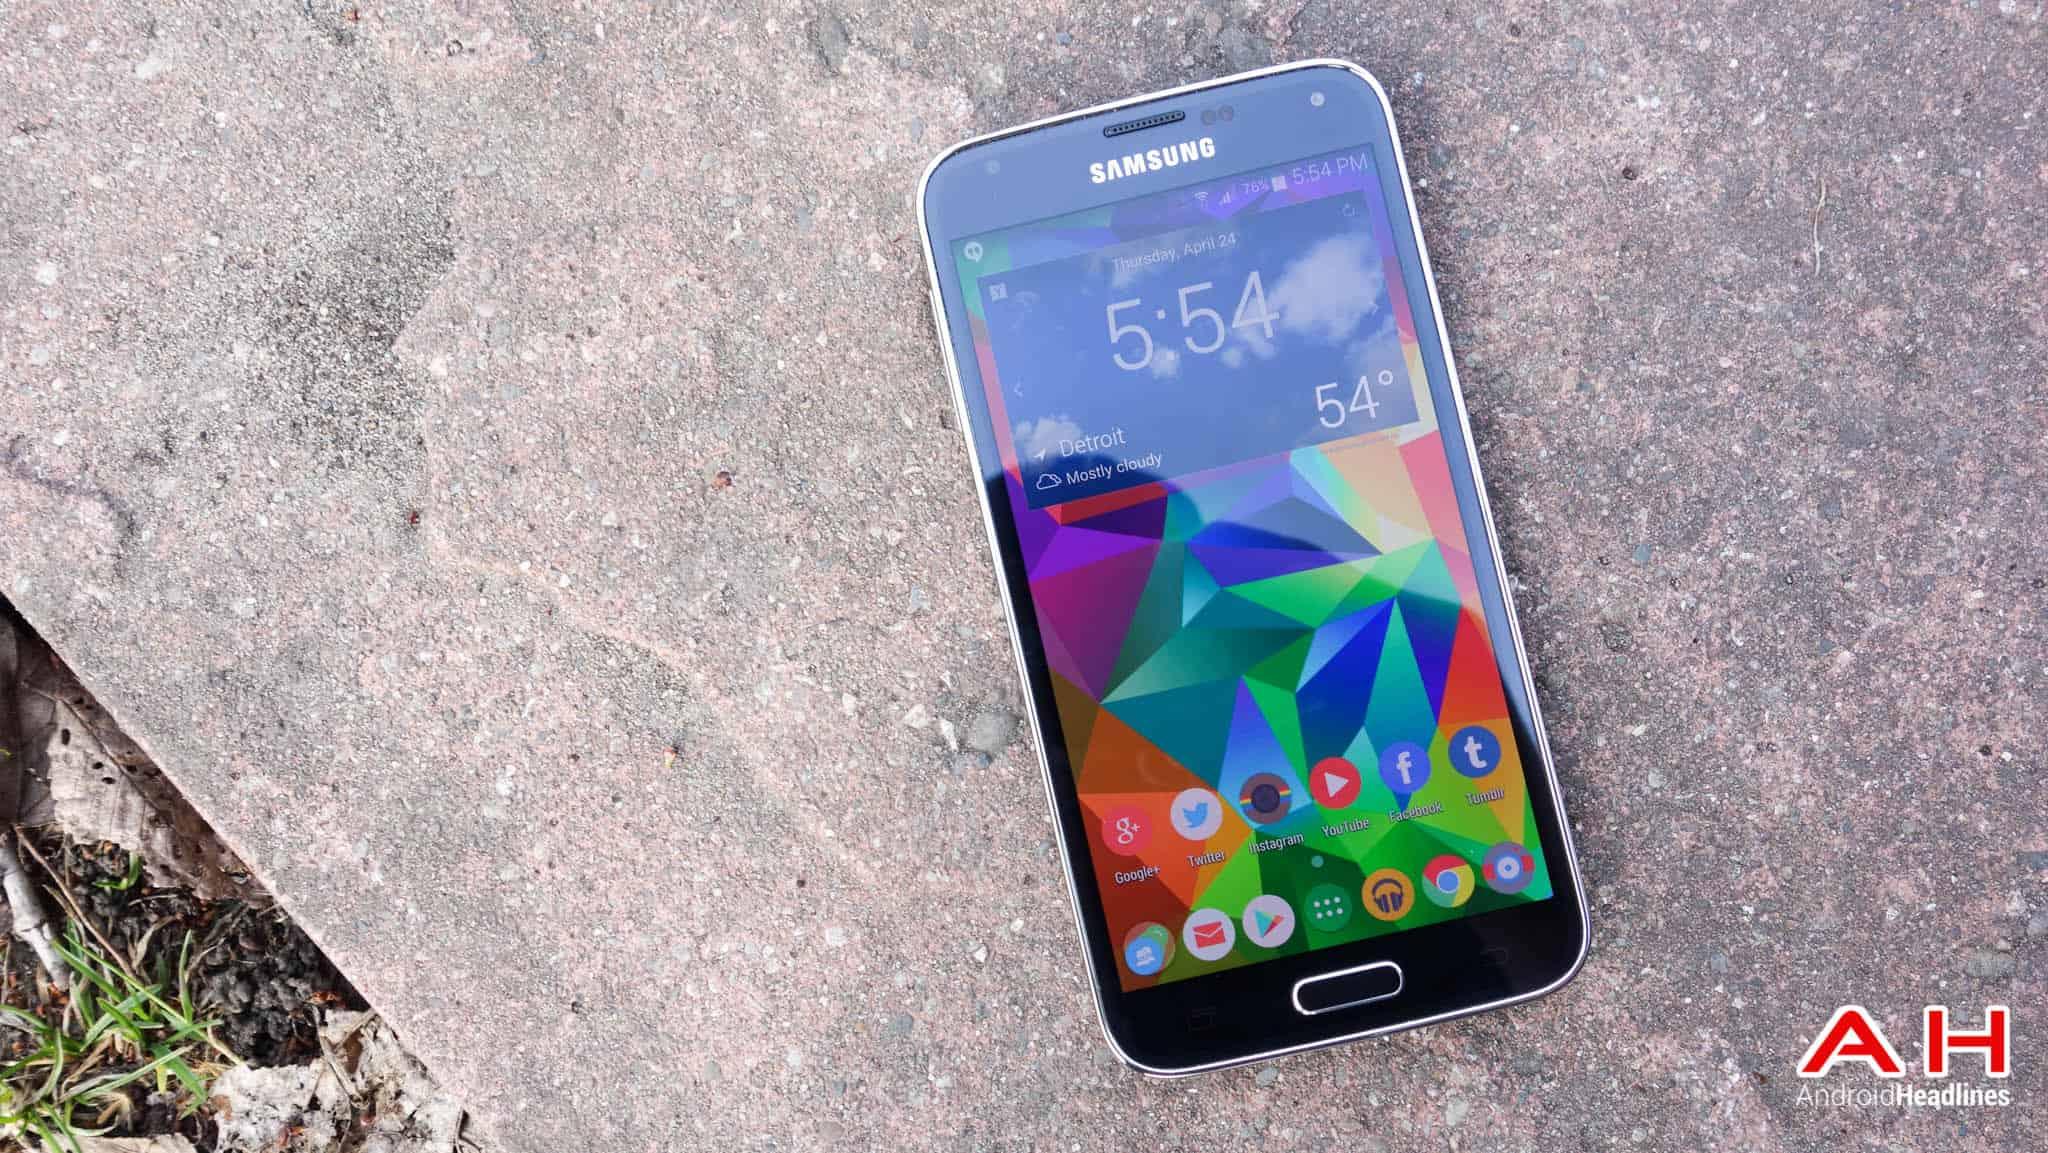 Samsung-Galaxy-S5-17